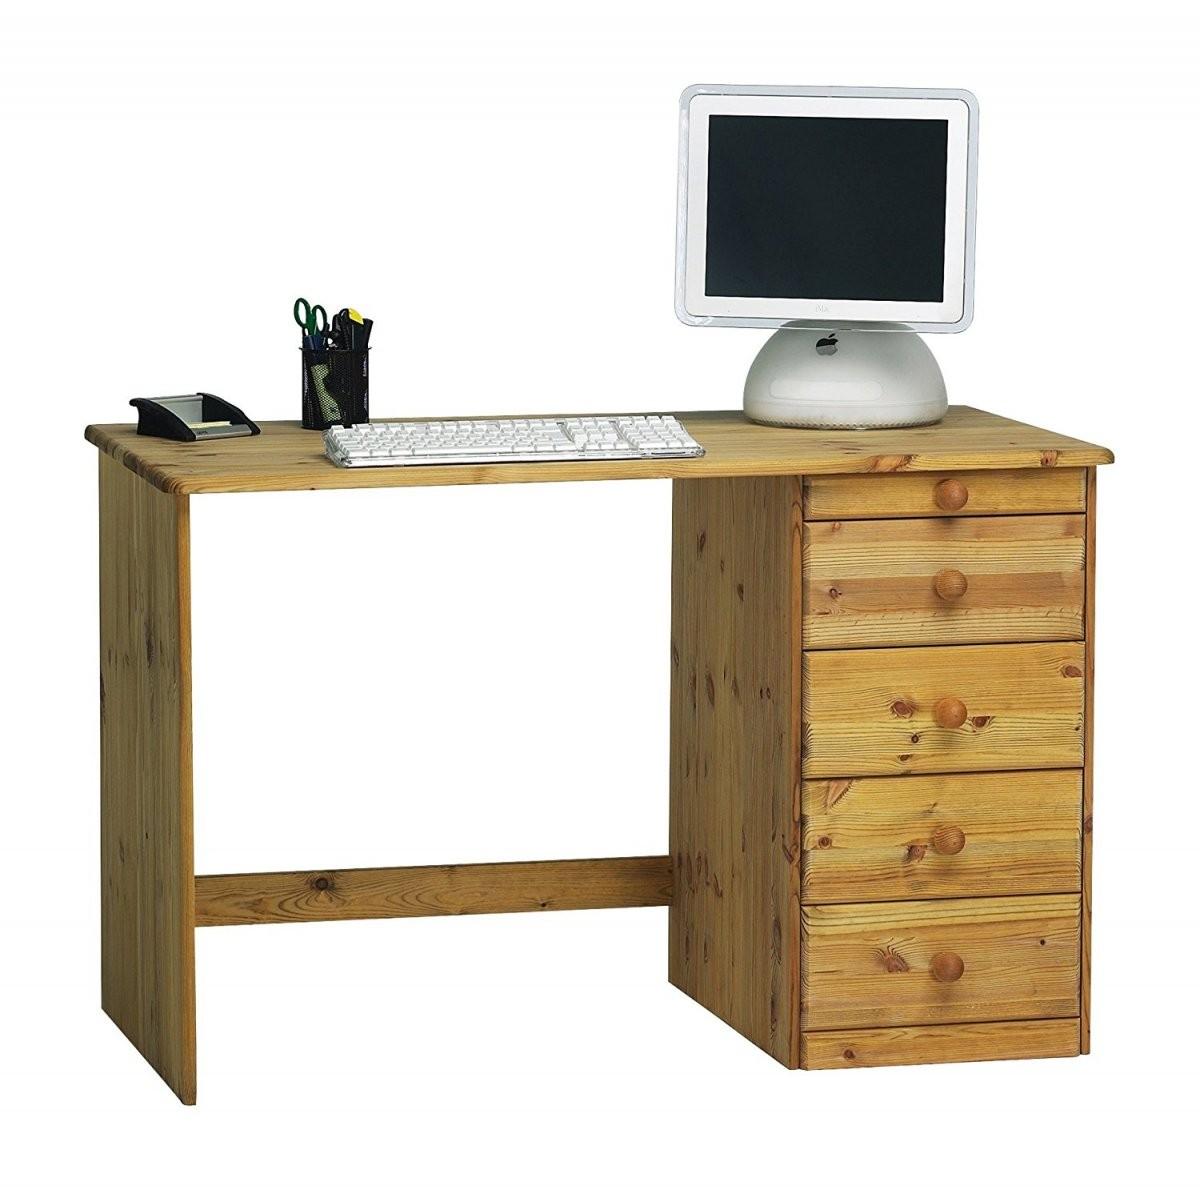 Fantastisch Schreibtisch Kiefer Gelaugt Geölt Pc Geoelt 61112 Haus von Schreibtisch Kiefer Gelaugt Geölt Bild